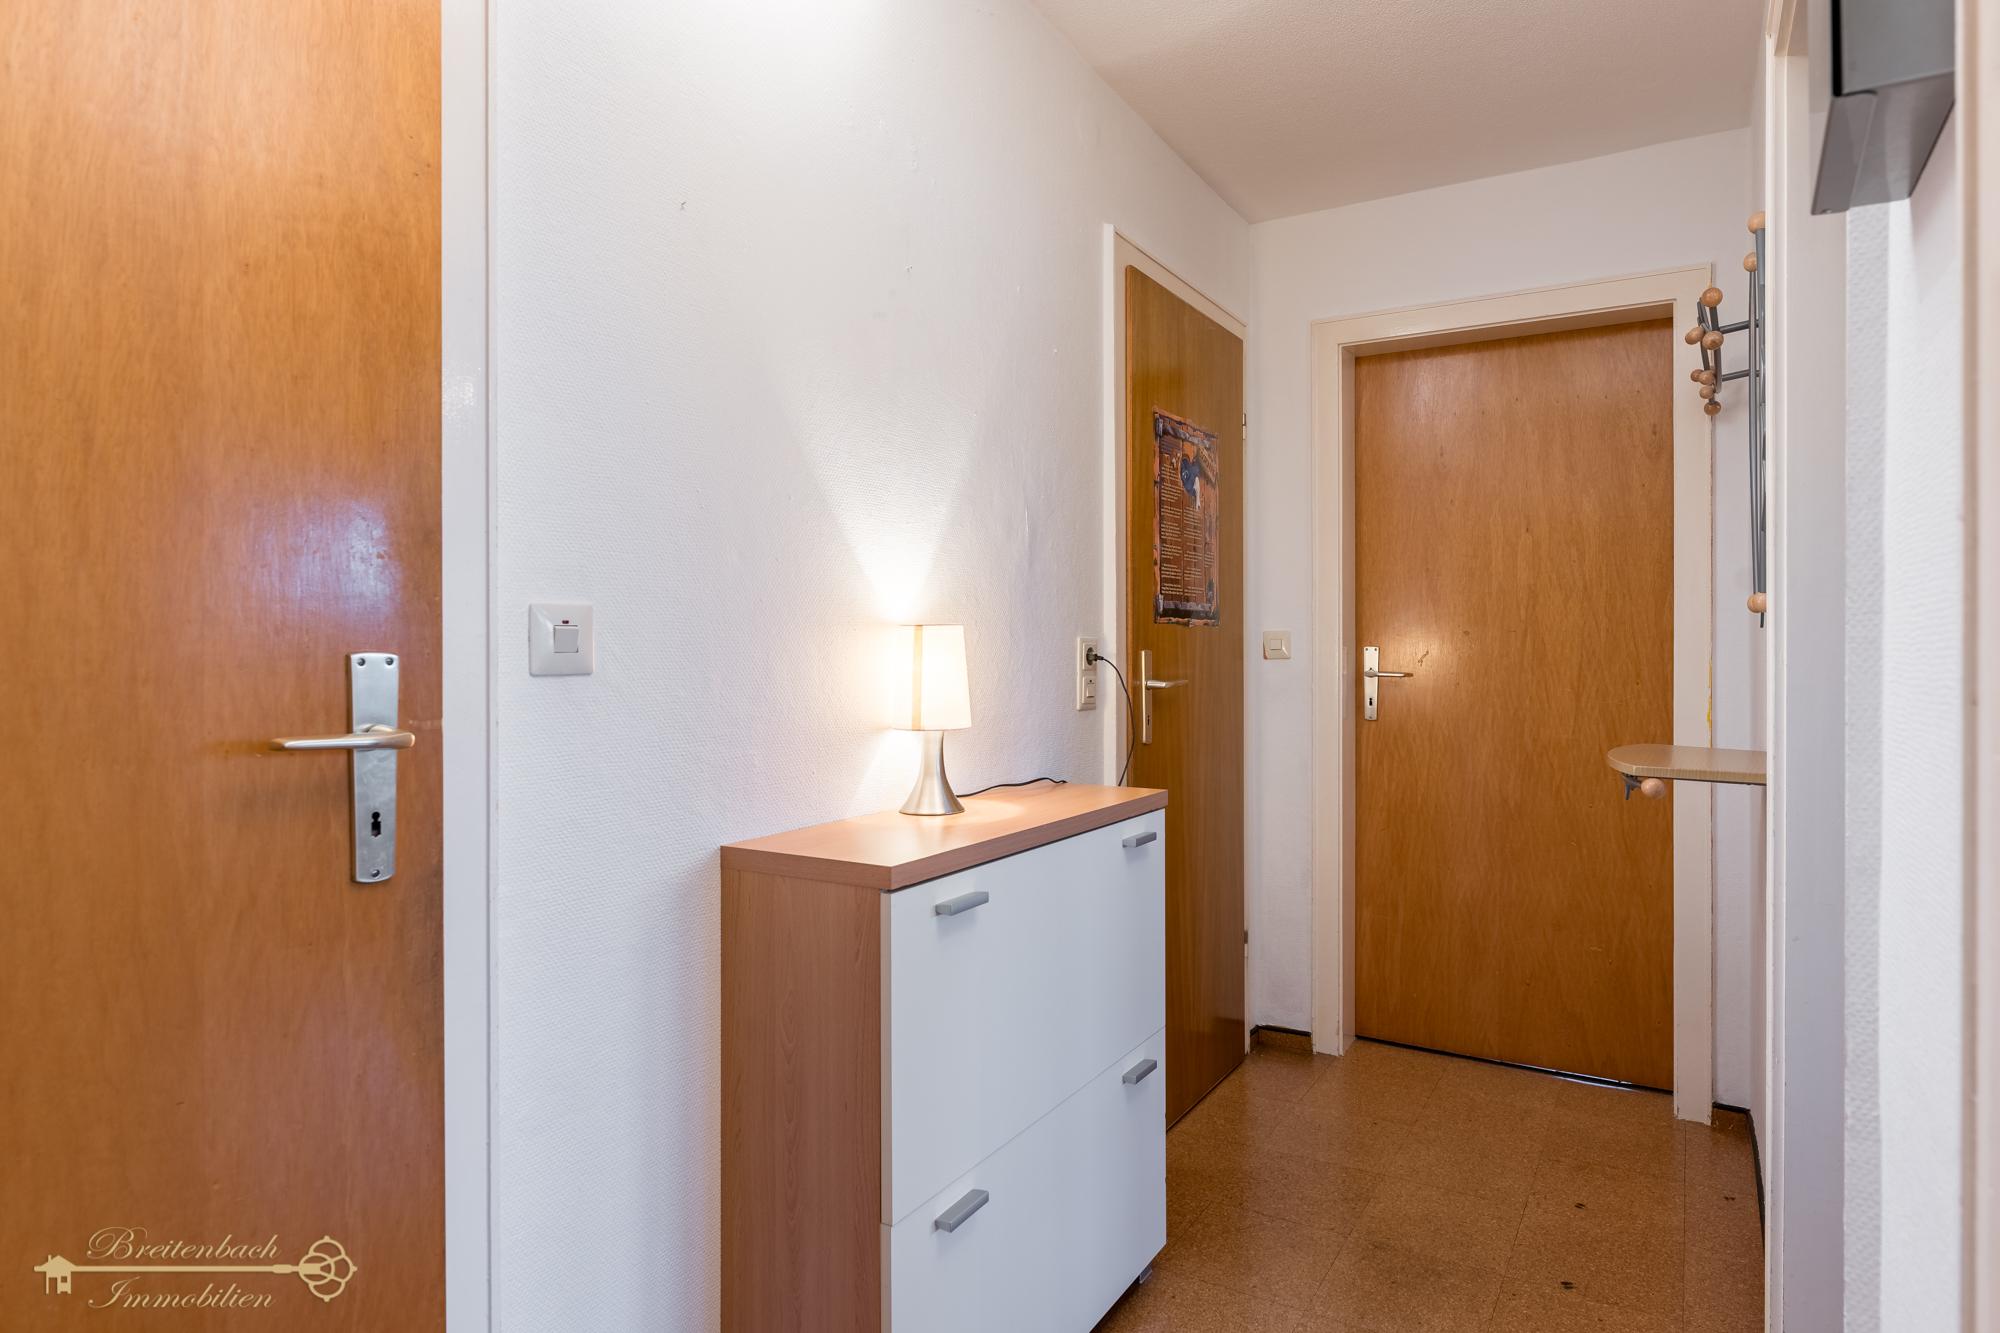 2021-01-16-Breitenbach-Immobilien-4